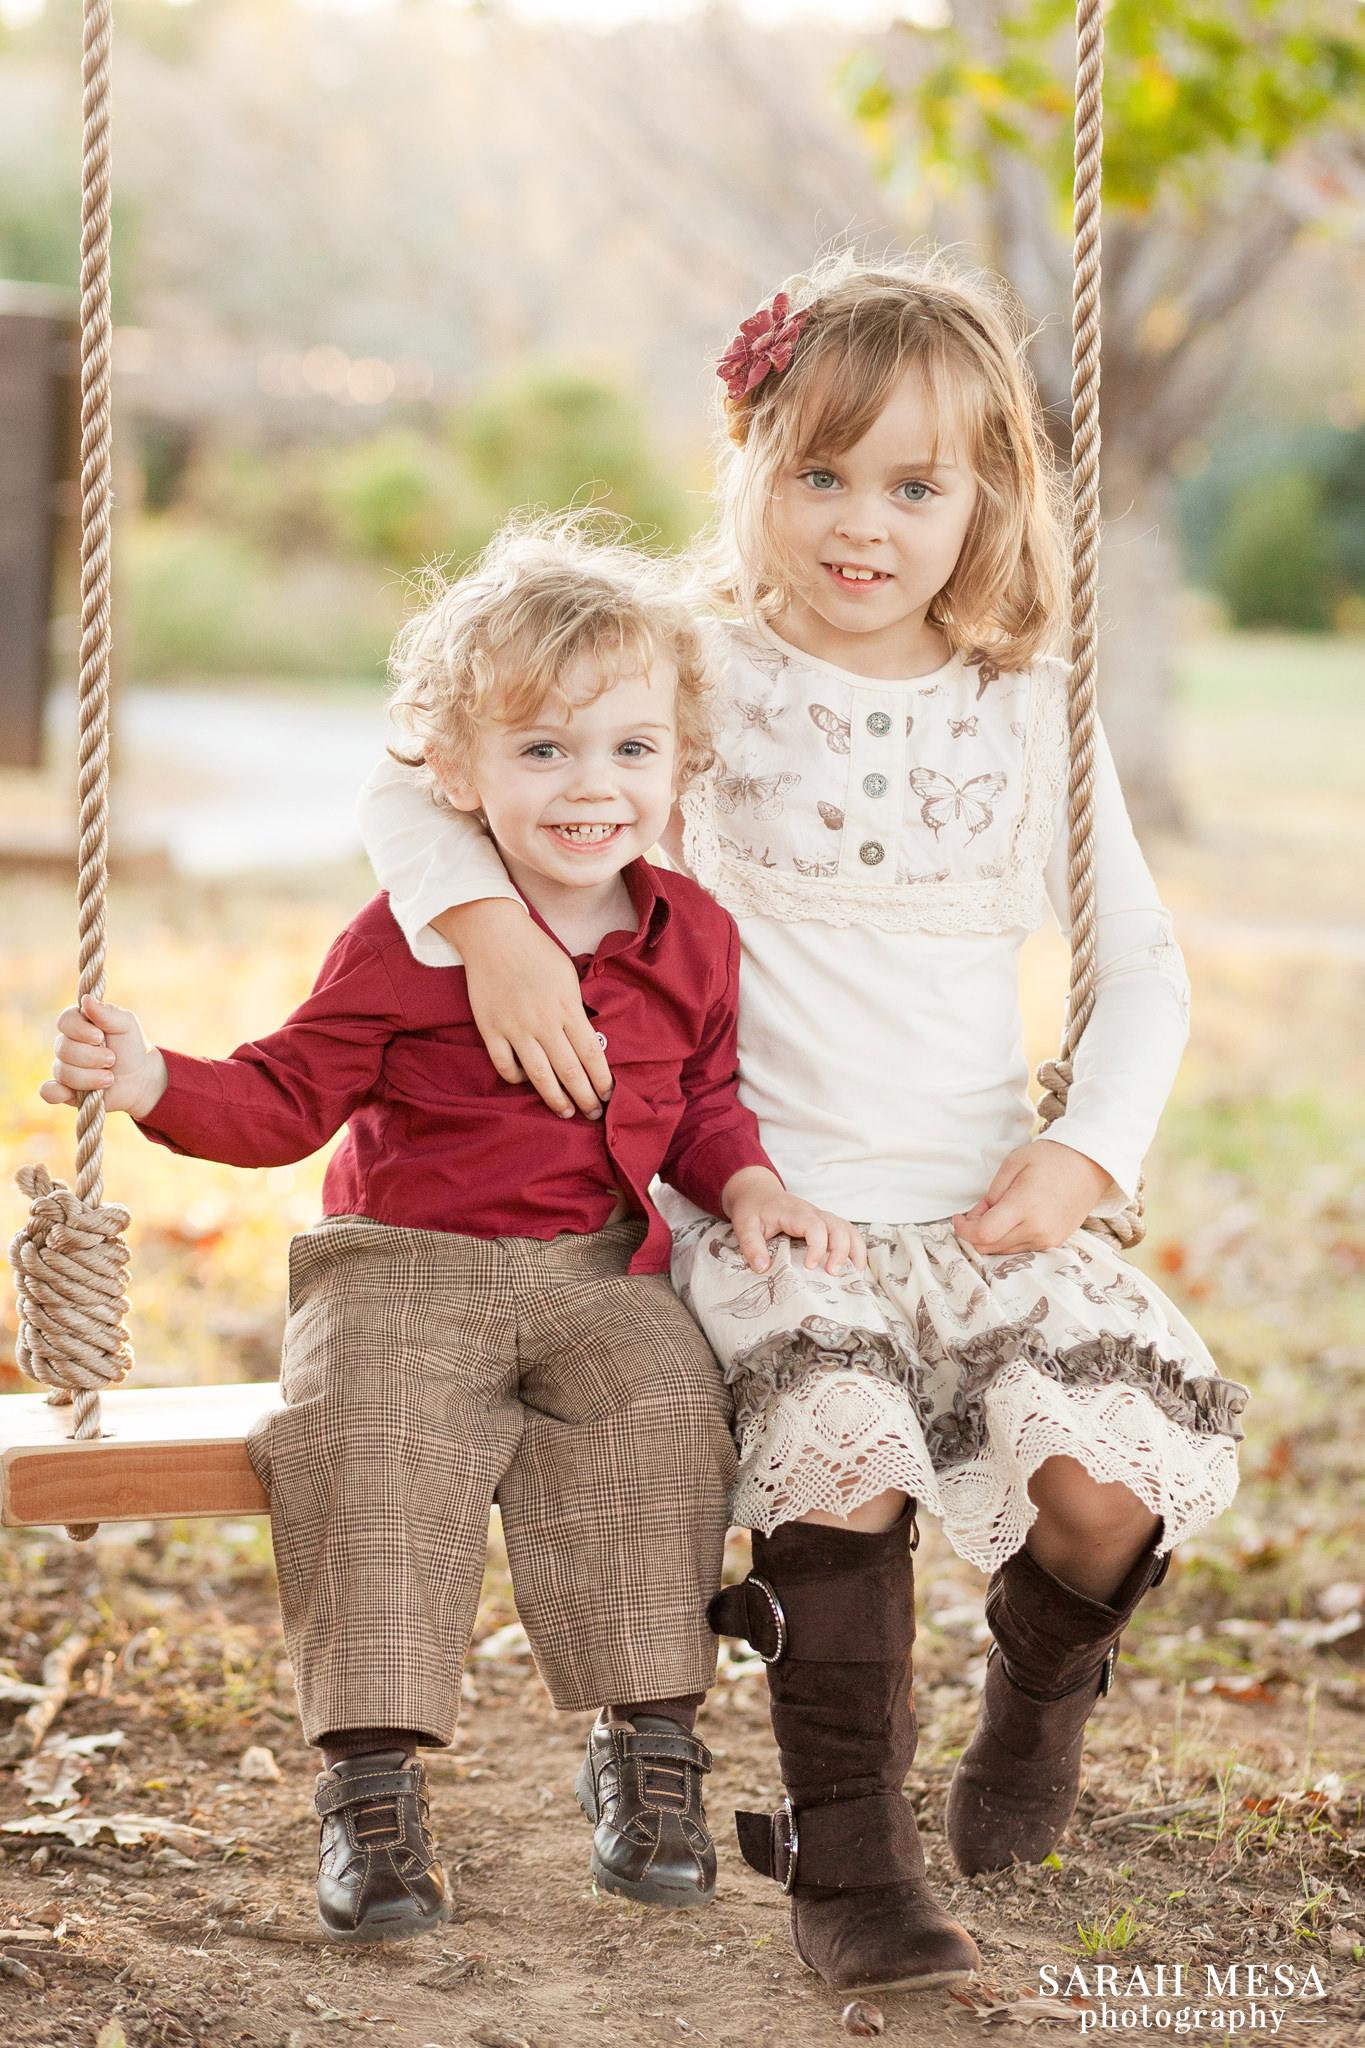 Sarah Mesa Photography   Louisville Family Photographer